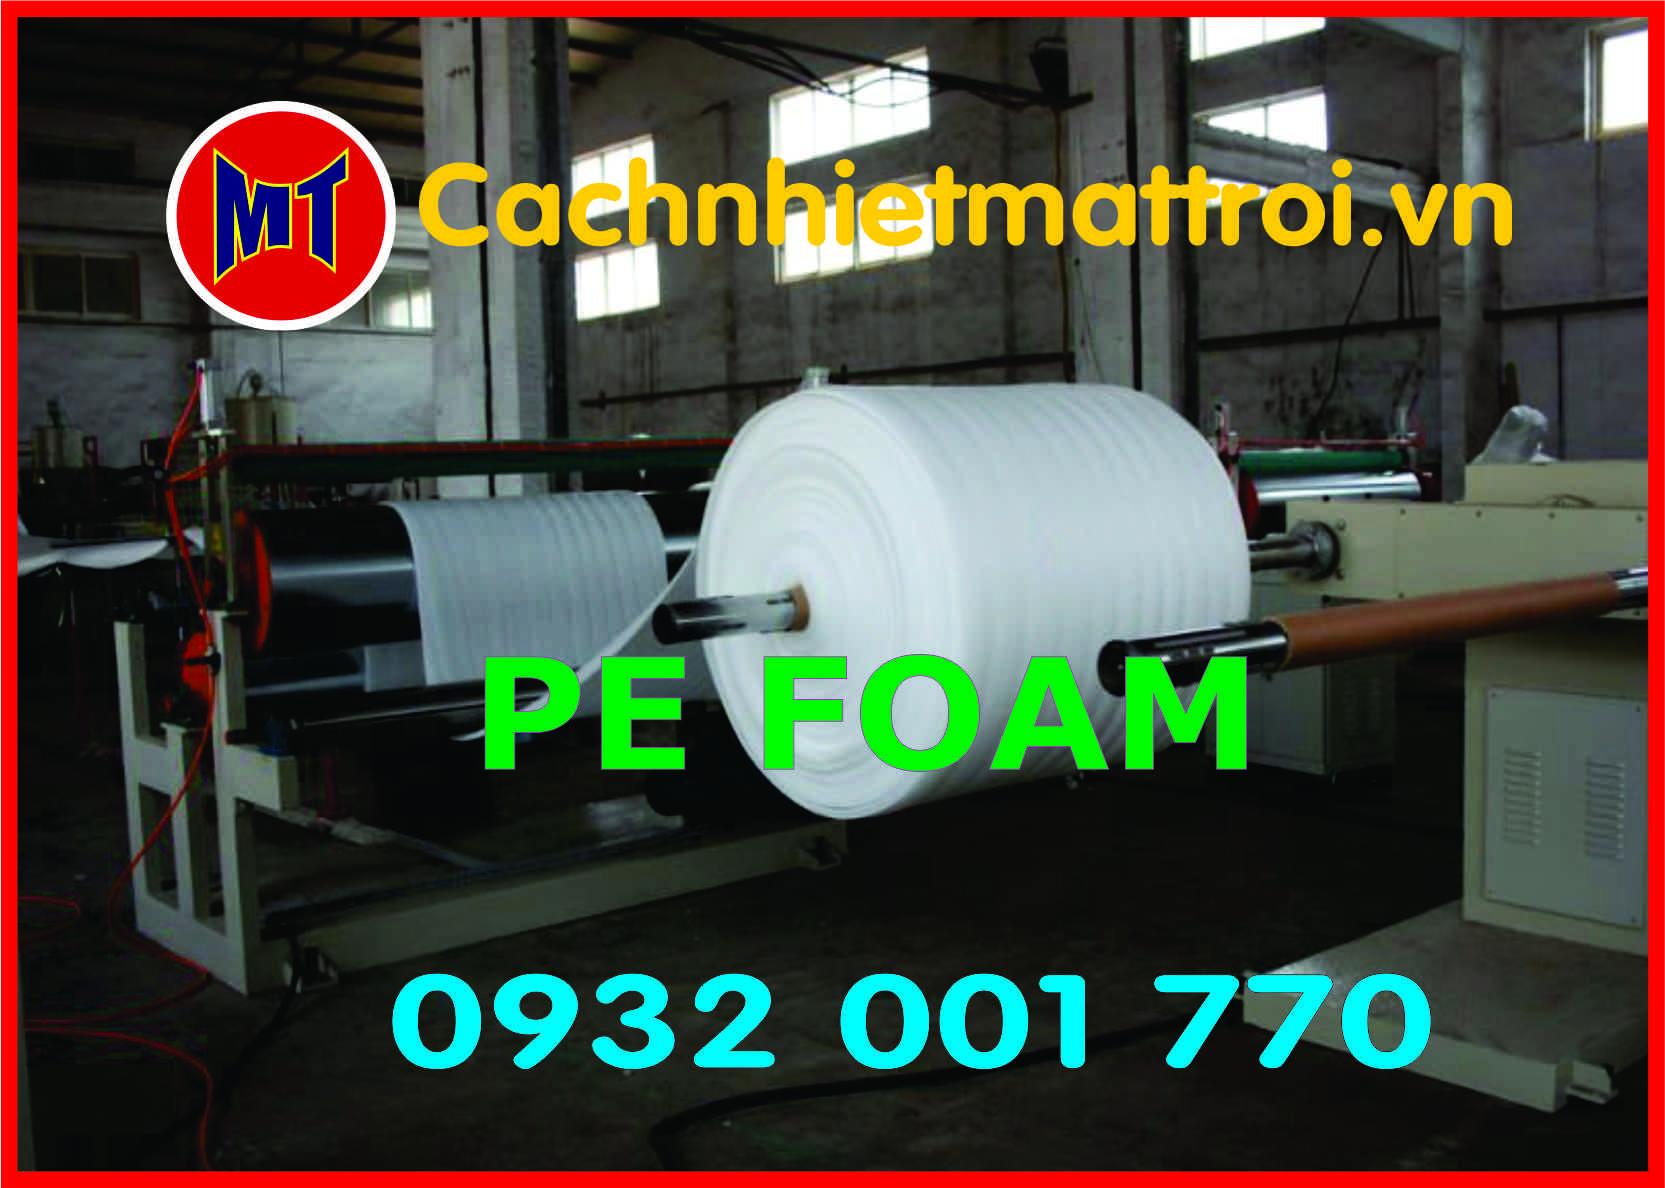 hình 2 Màng PE foam bọc, gói hàng dày 3mm - 3T